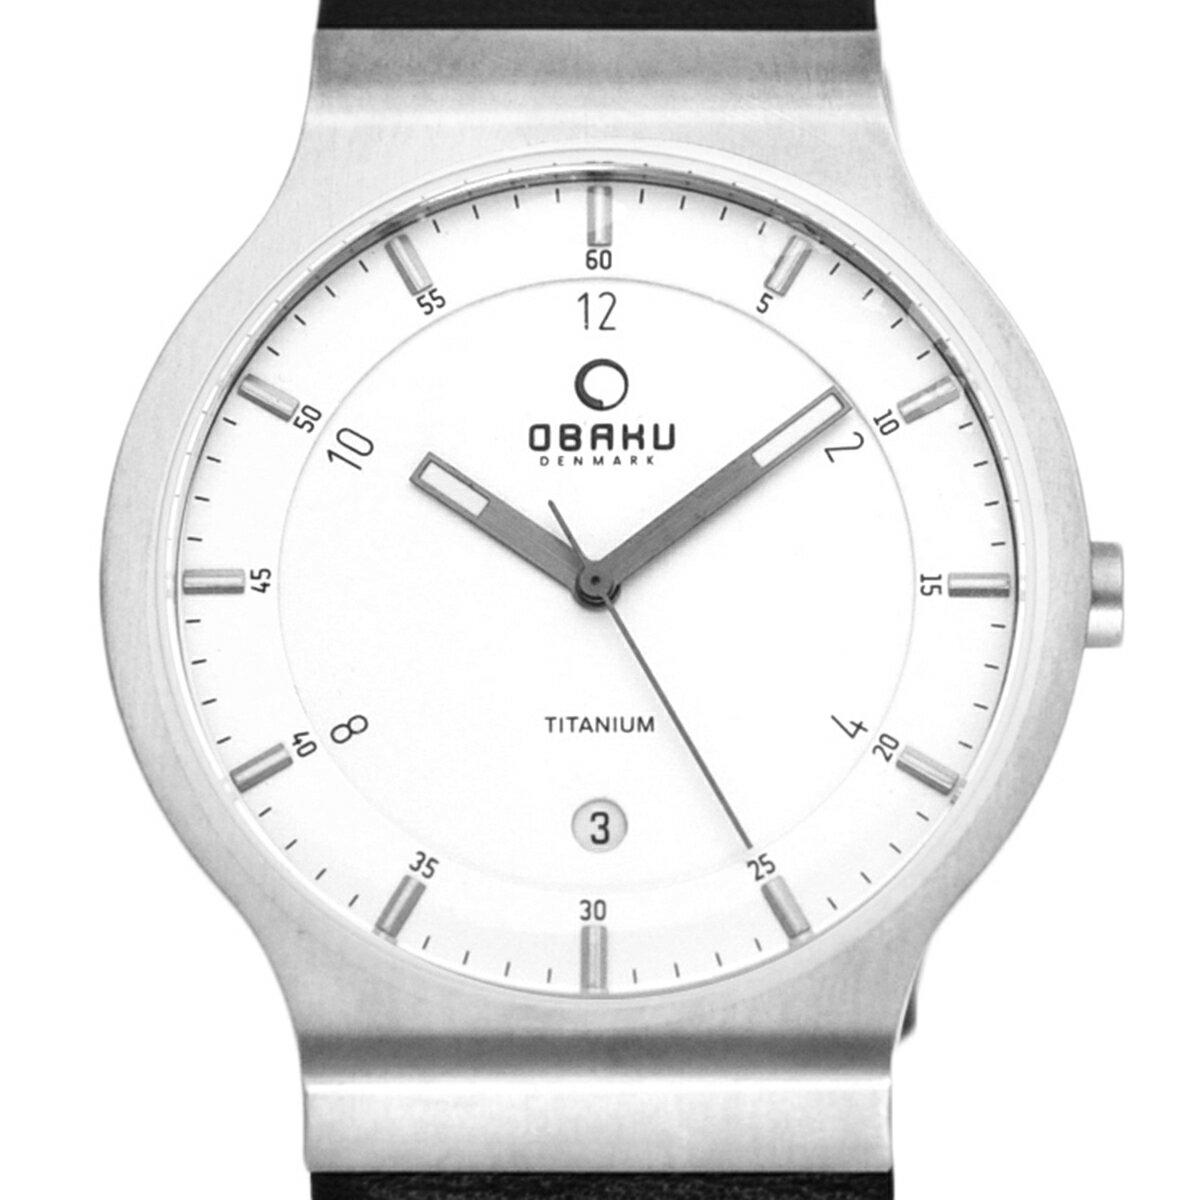 【ポイント10倍】【残り1点】OBAKU オバック クォーツ 腕時計 デンマーク シンプル 薄型 ファッション [V133XTIRB ] 並行輸入品 純正ケース メーカー保証